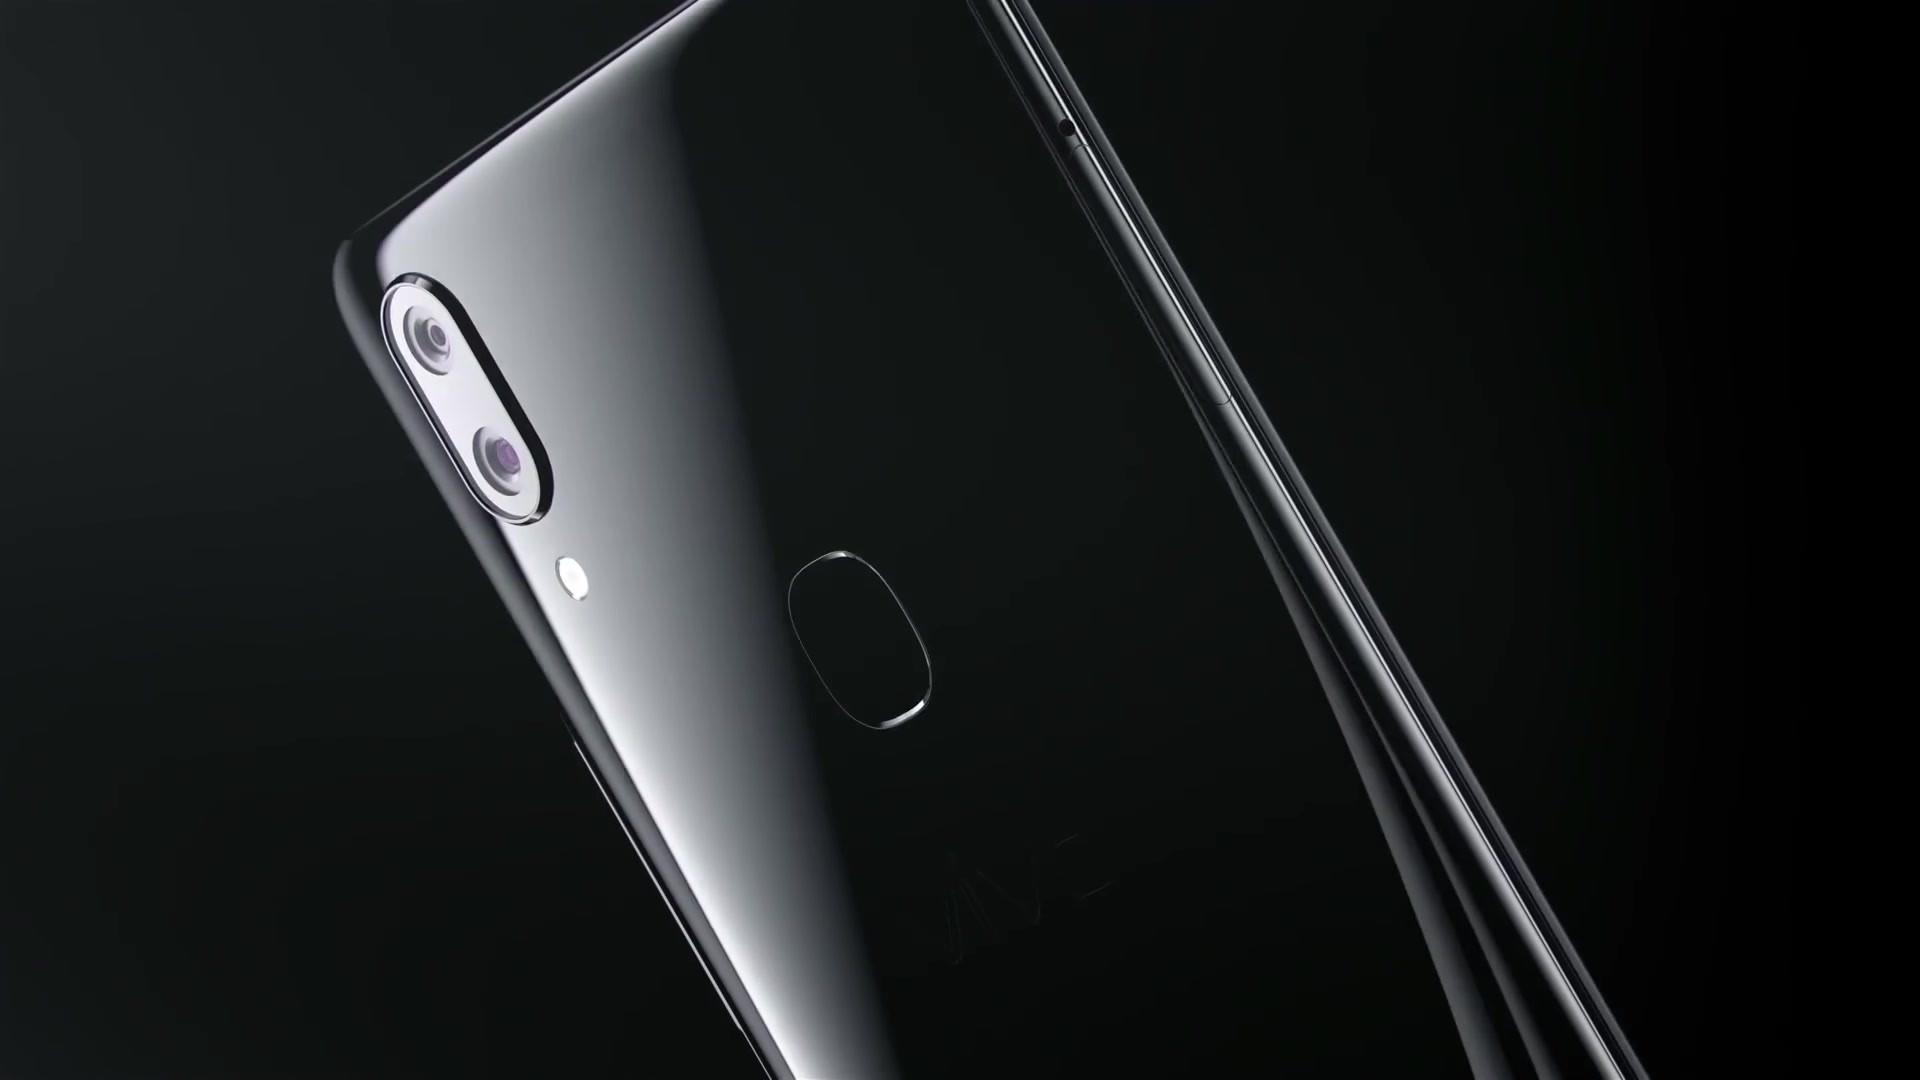 Vivo V9 iPhone X like phone